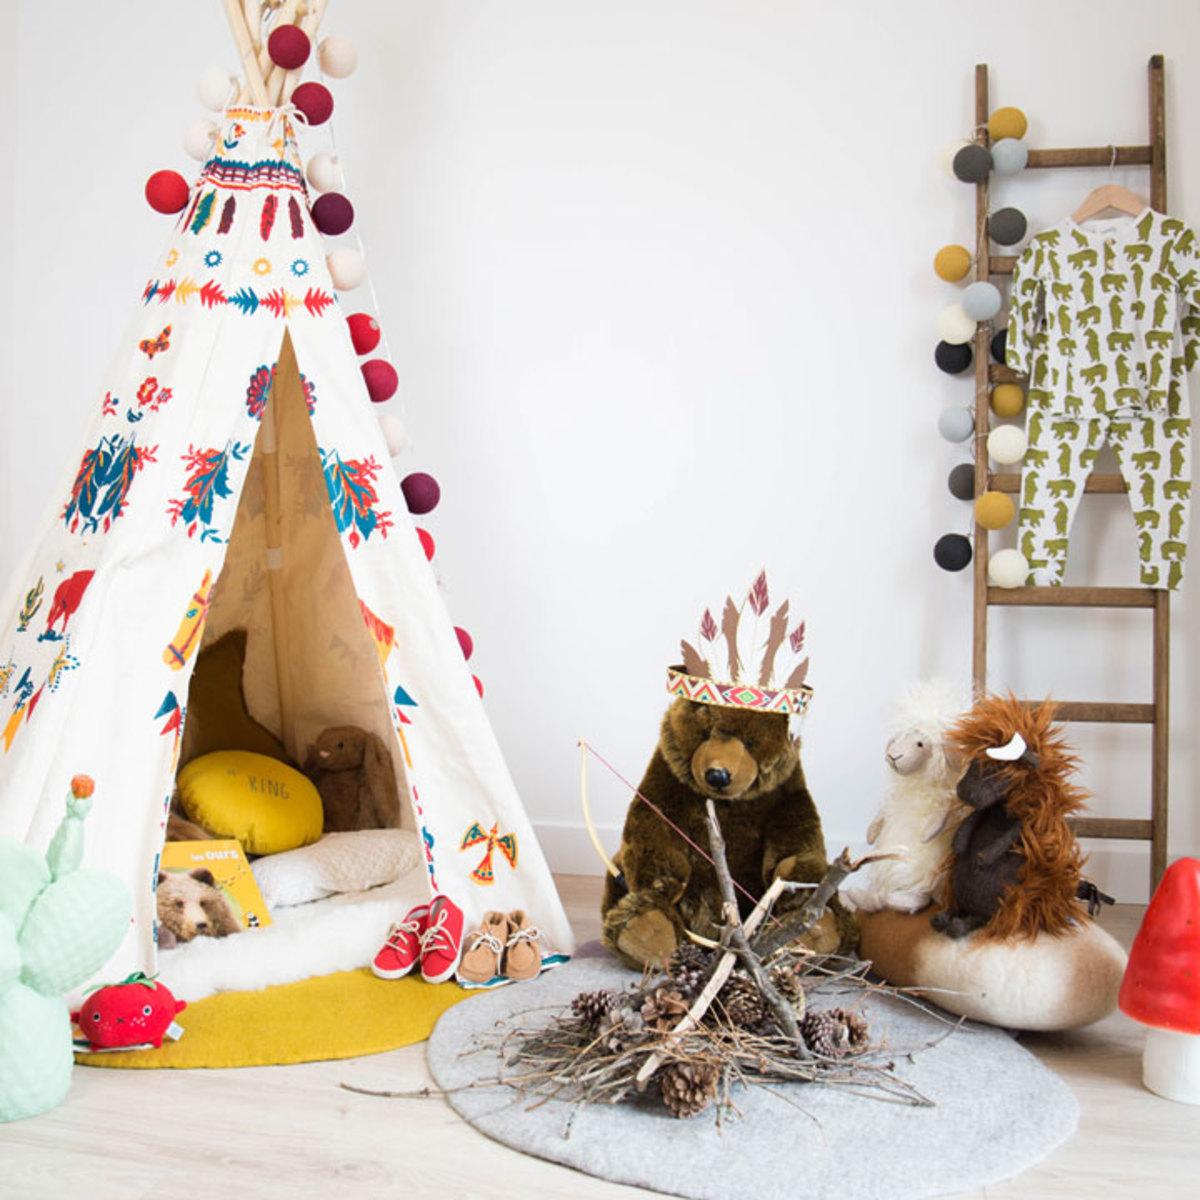 vilac tente d 39 indien nathalie l t tipi vilac sur l 39 armoire de b b. Black Bedroom Furniture Sets. Home Design Ideas